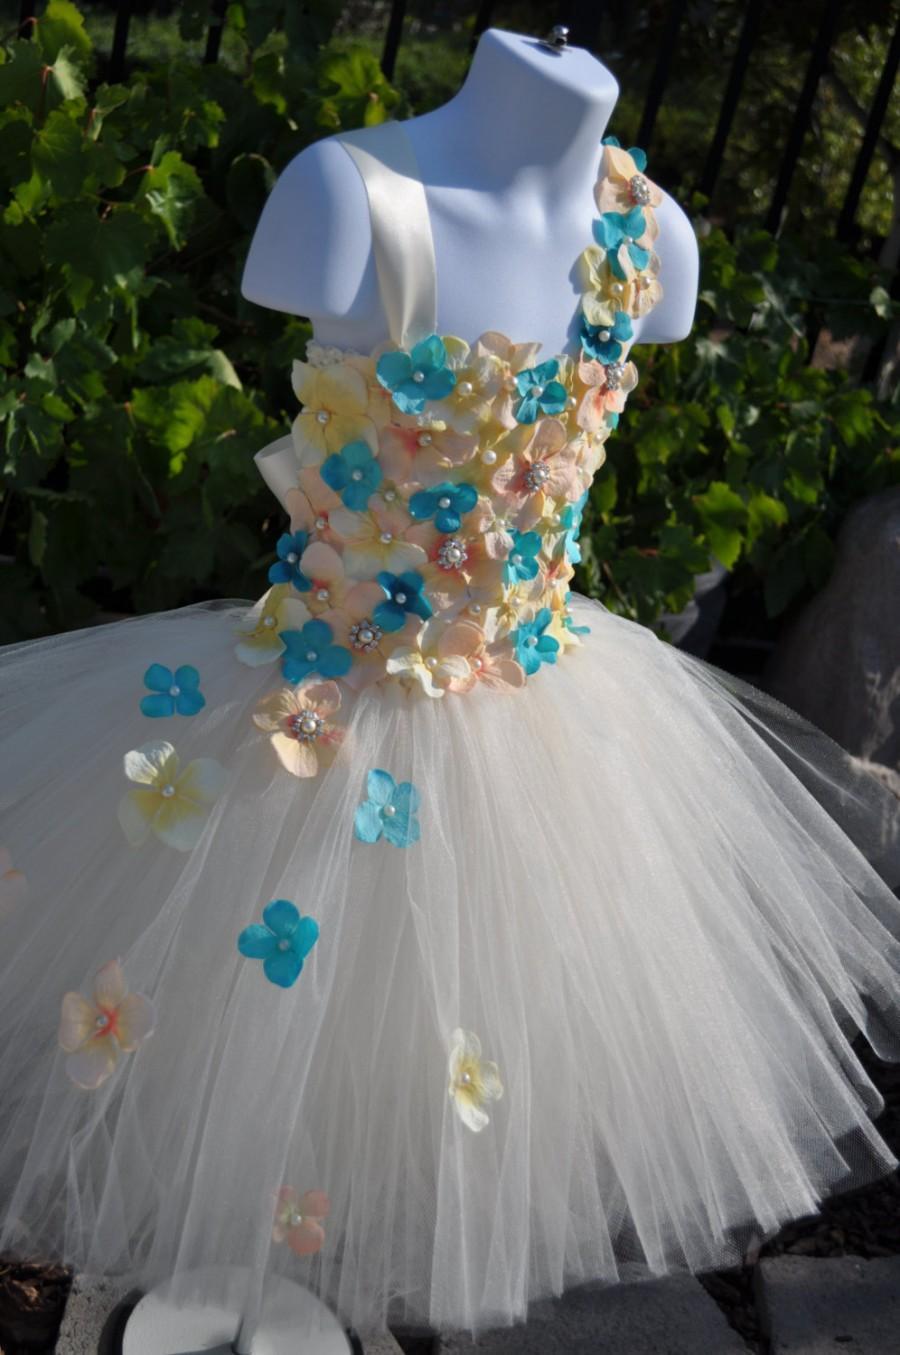 زفاف - Special Occasion Dress, Flower Girl Dress, Tutu Dress, Ivory Flowergirl  Dress, Toddler Dress, Infant Dress, Peach Dress, Turquoise Dress